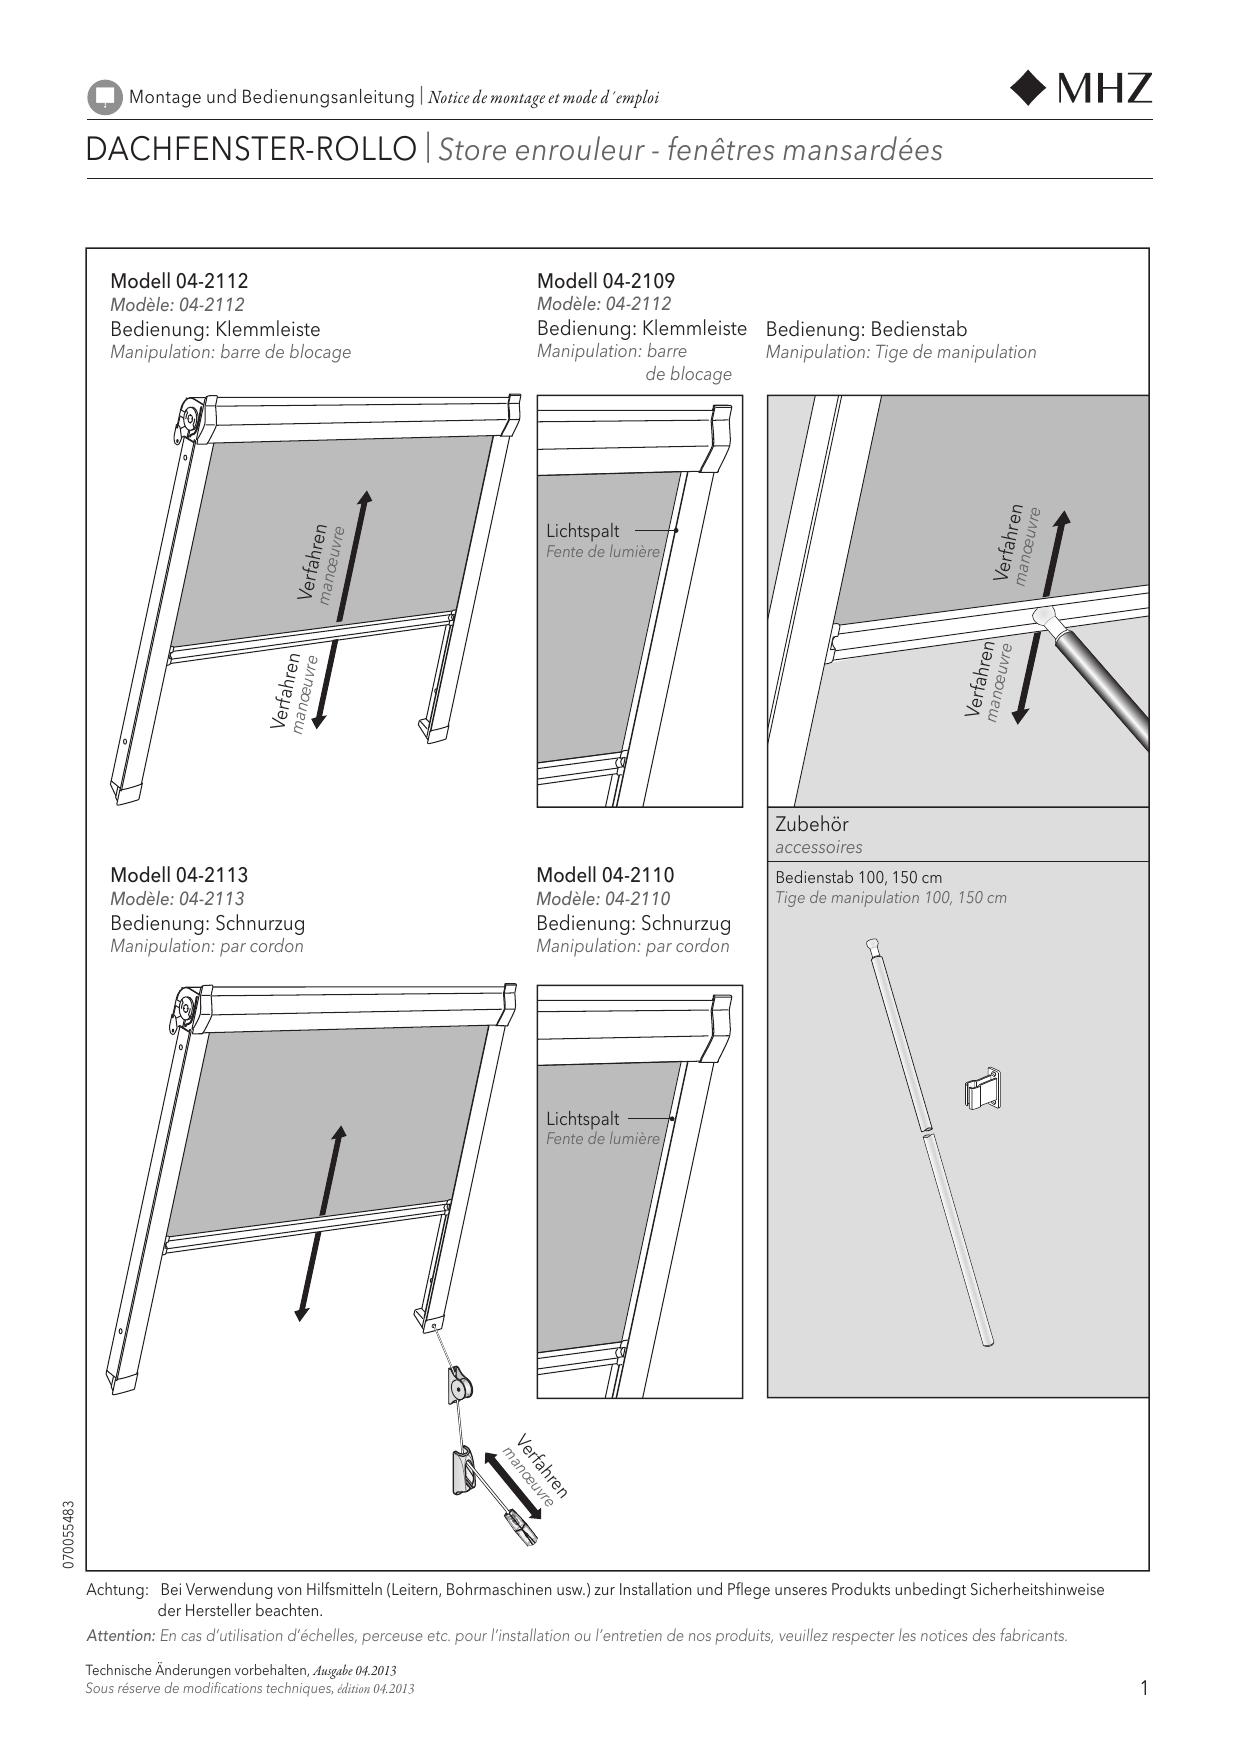 Mhz Montagenaleitung Dachfenster Rollo Für Verdunklung Und